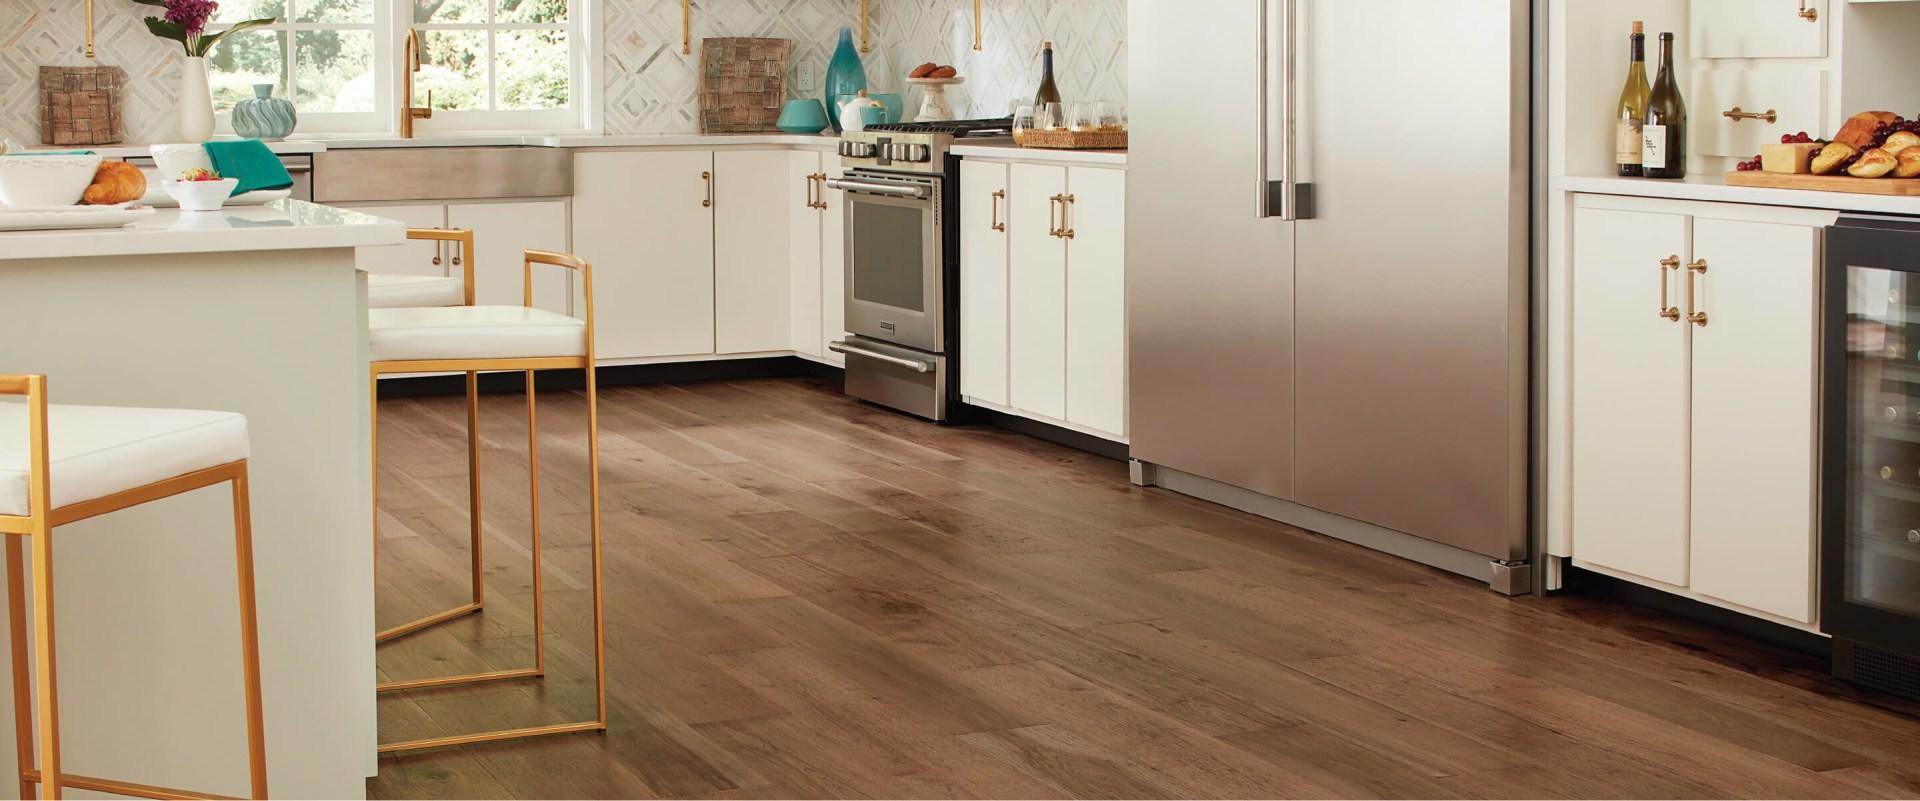 Waterproof Engineered Hardwood Flooring, Valley Forge Laminate Flooring Reviews